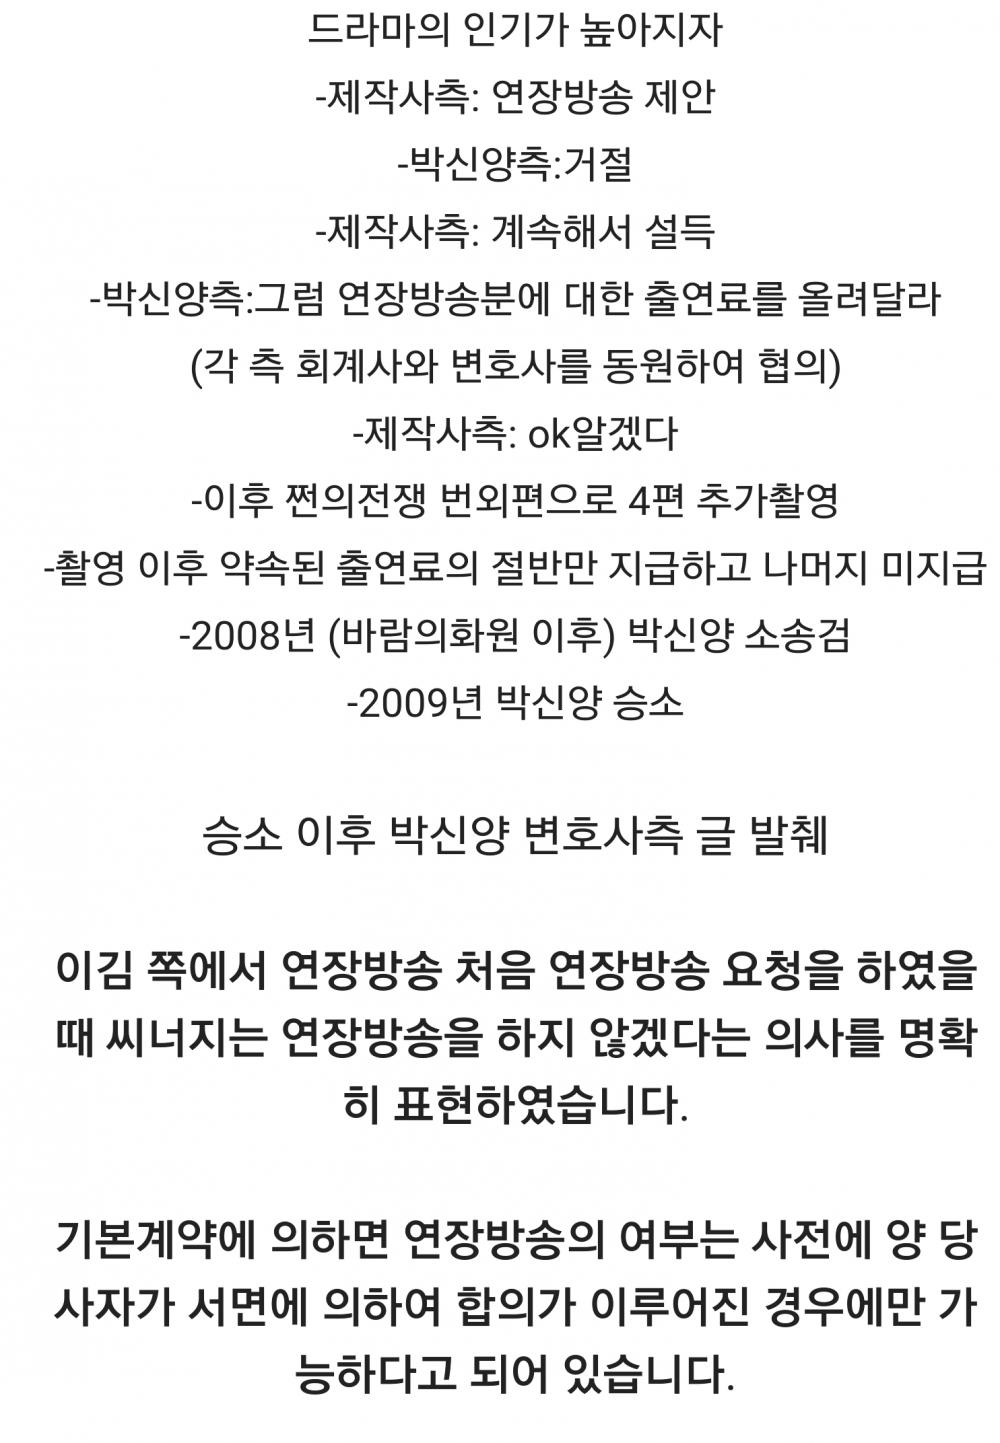 박신양2.png 박신양이 출연정지 당했던 사건.jpg